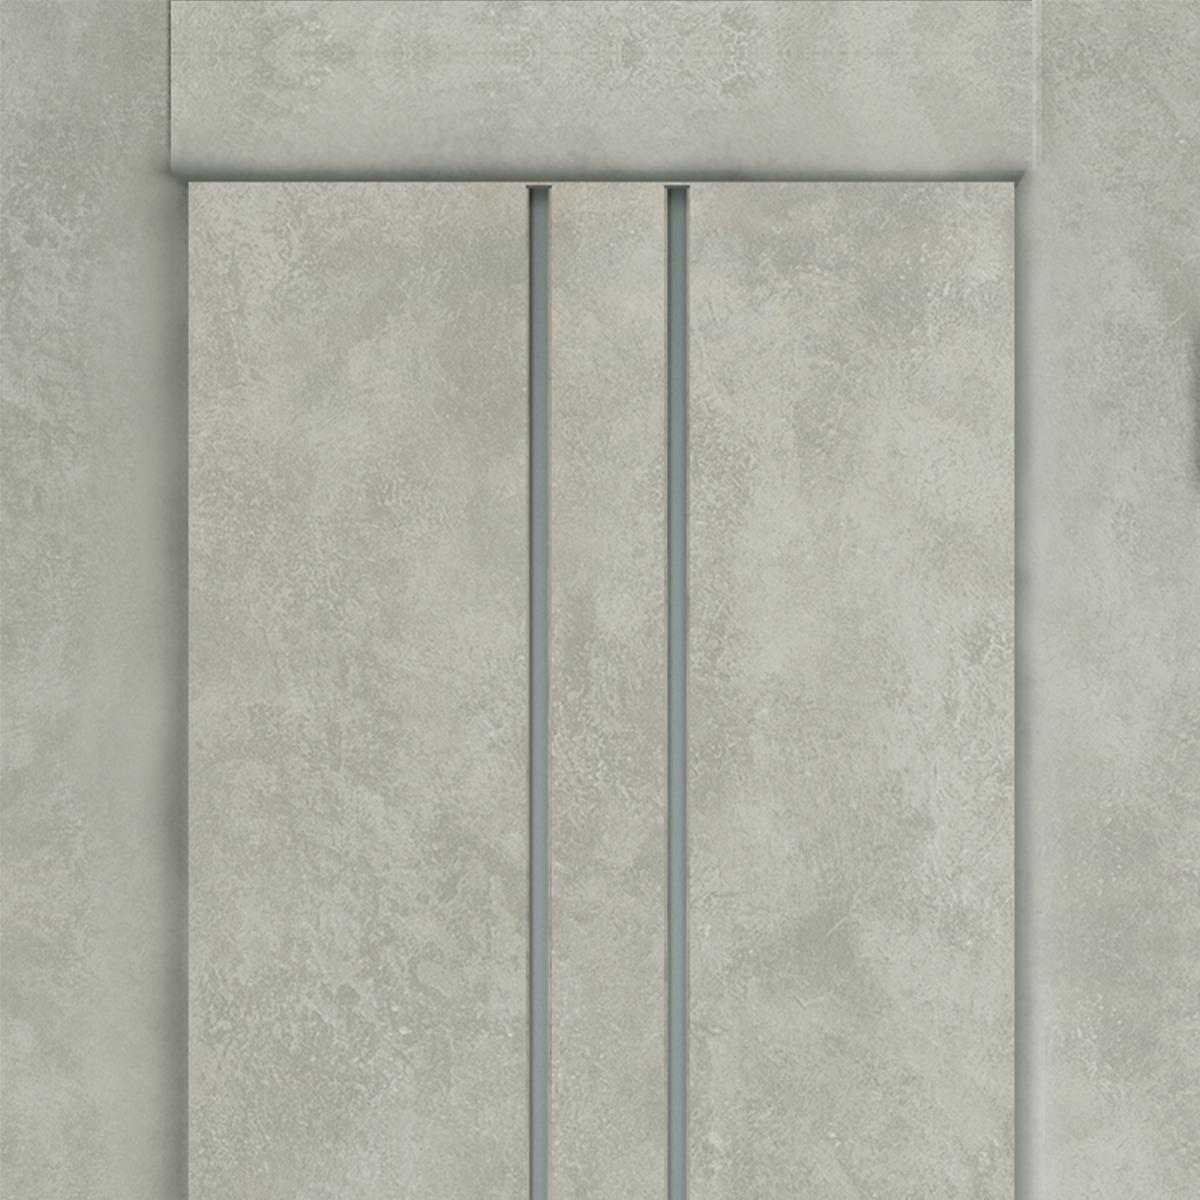 Дверь Межкомнатная Остеклённая «Сиэтл» 80x200 Пвх Цвет Лофт Светлый С Фурнитурой